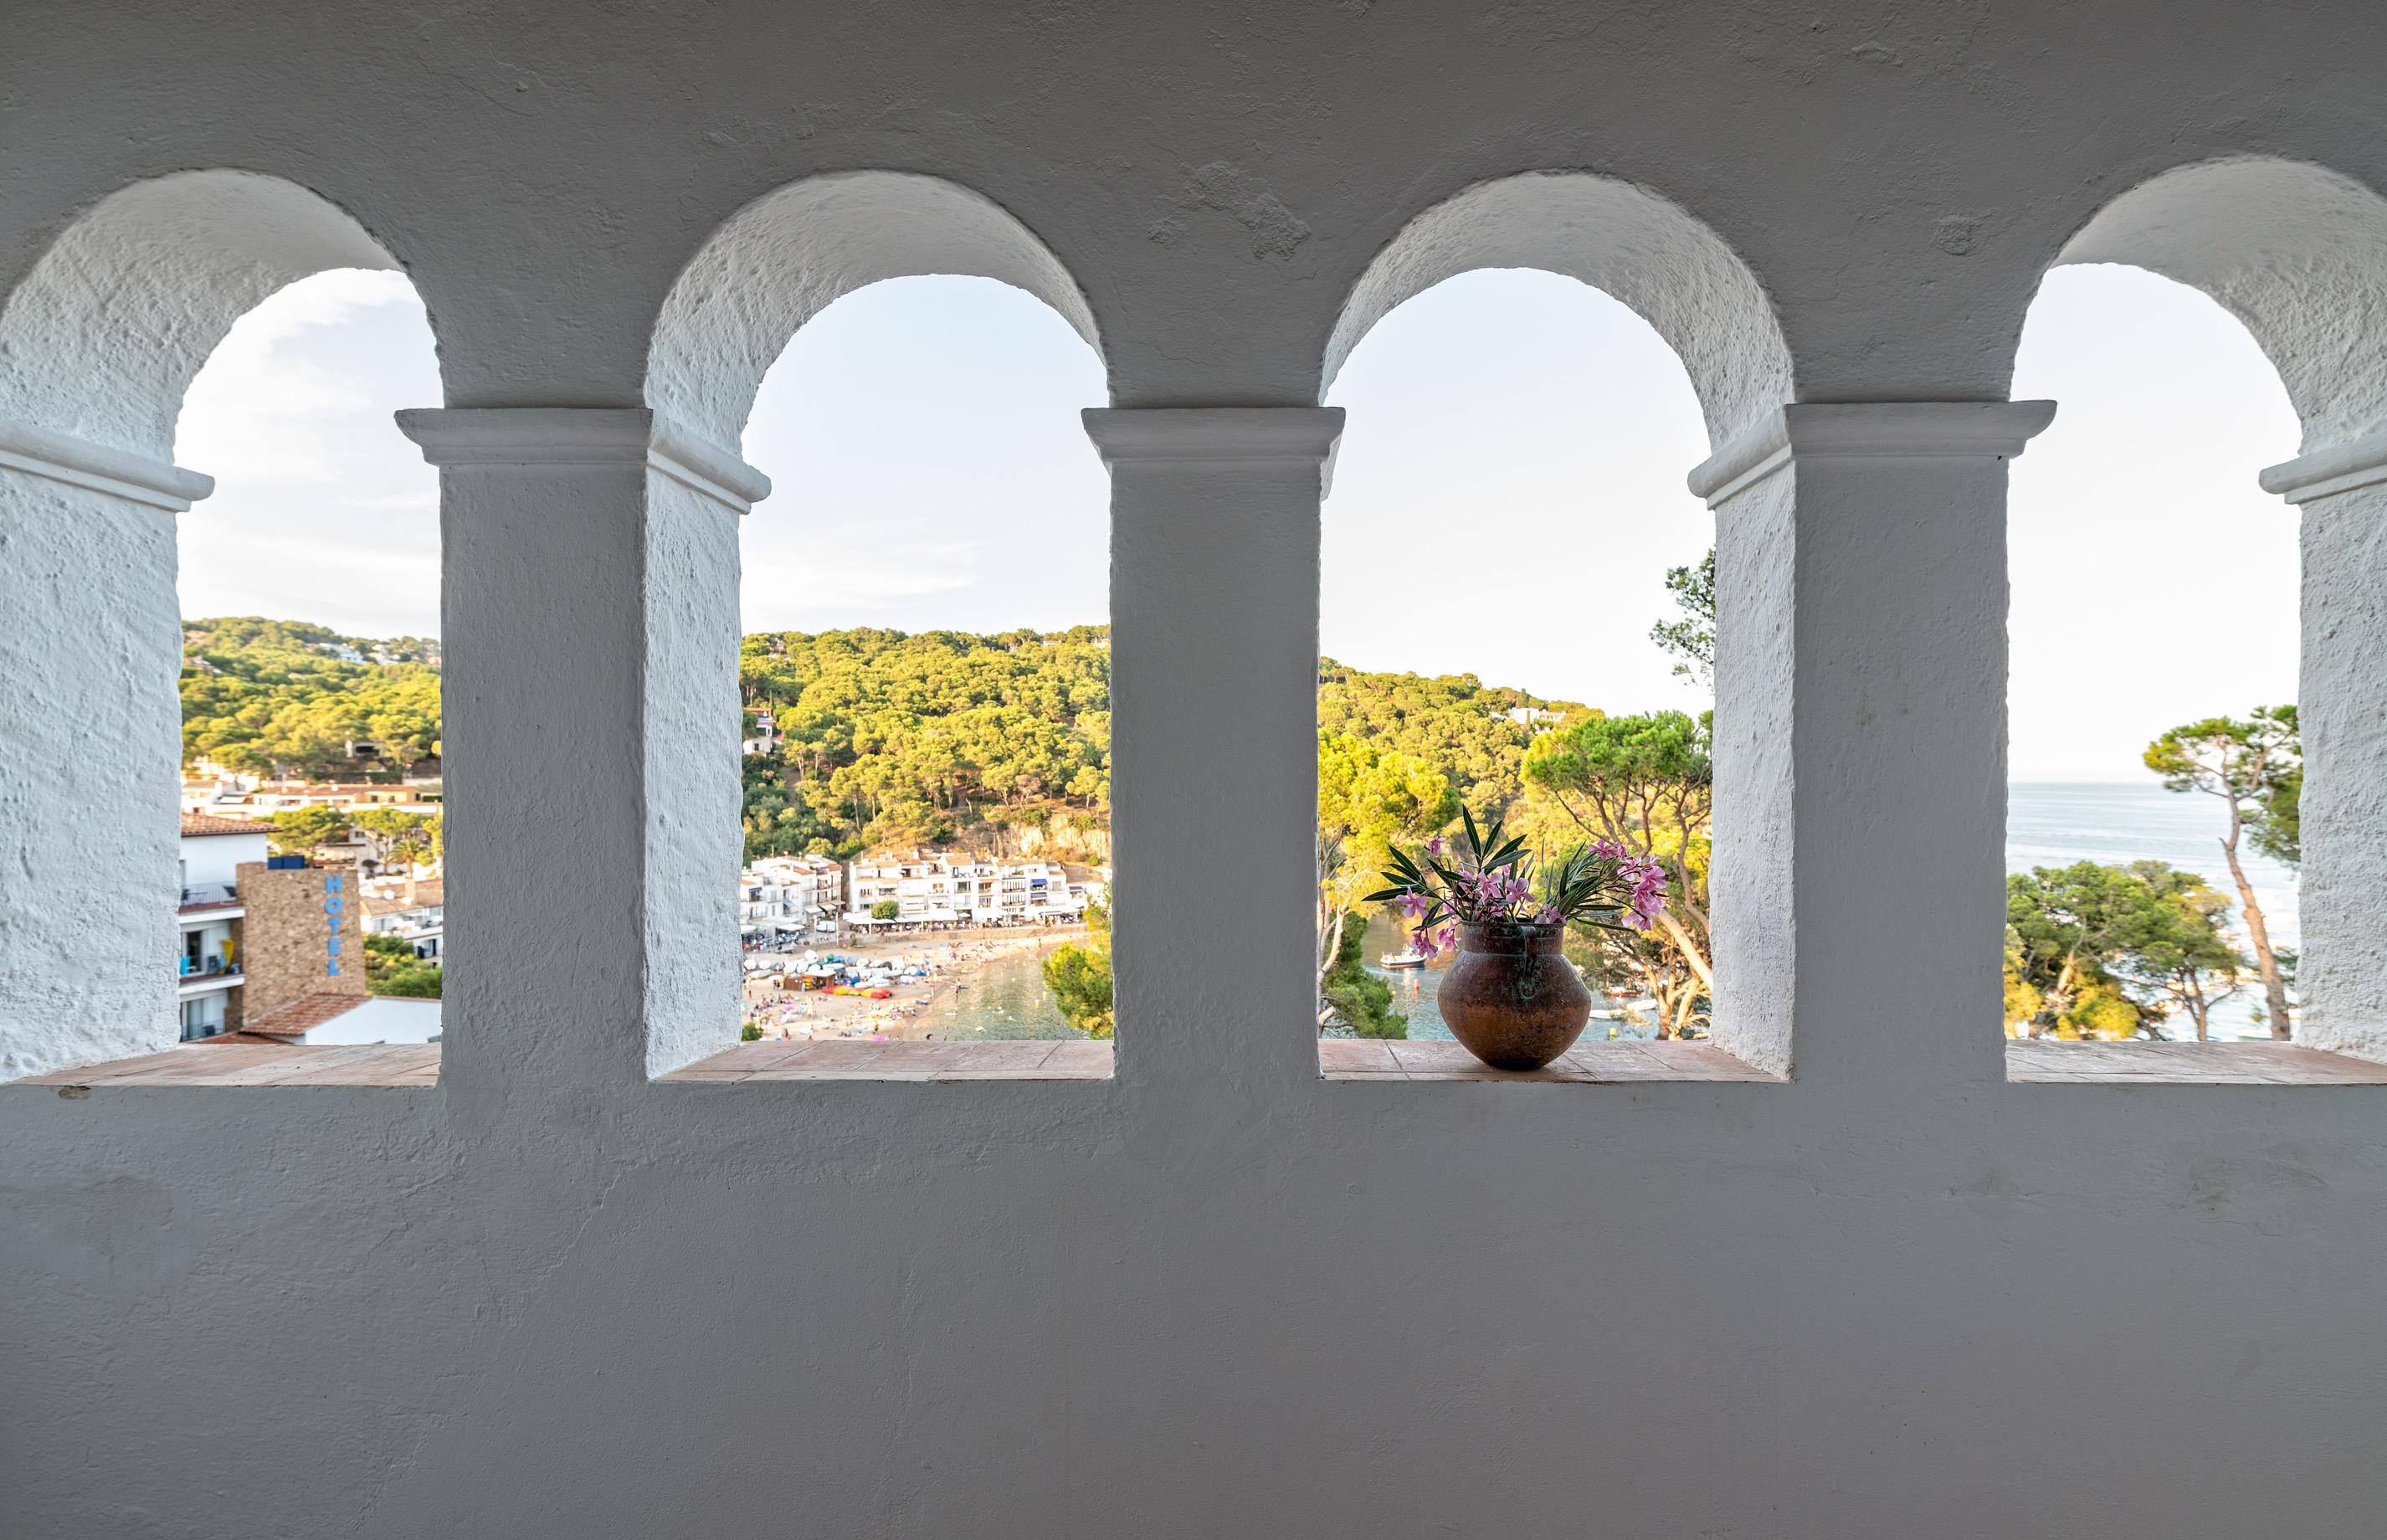 sicraa arquitectura tamariu (11)